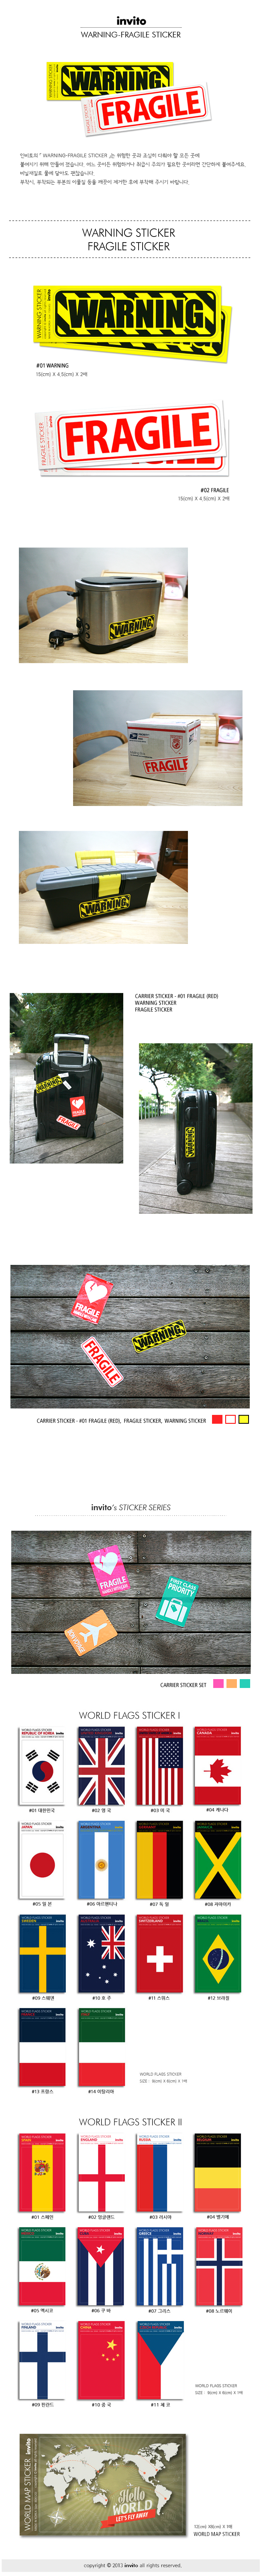 WARNING-FRAGILE 스티커 - 인비토, 1,000원, 보호커버/스티커, 스티커